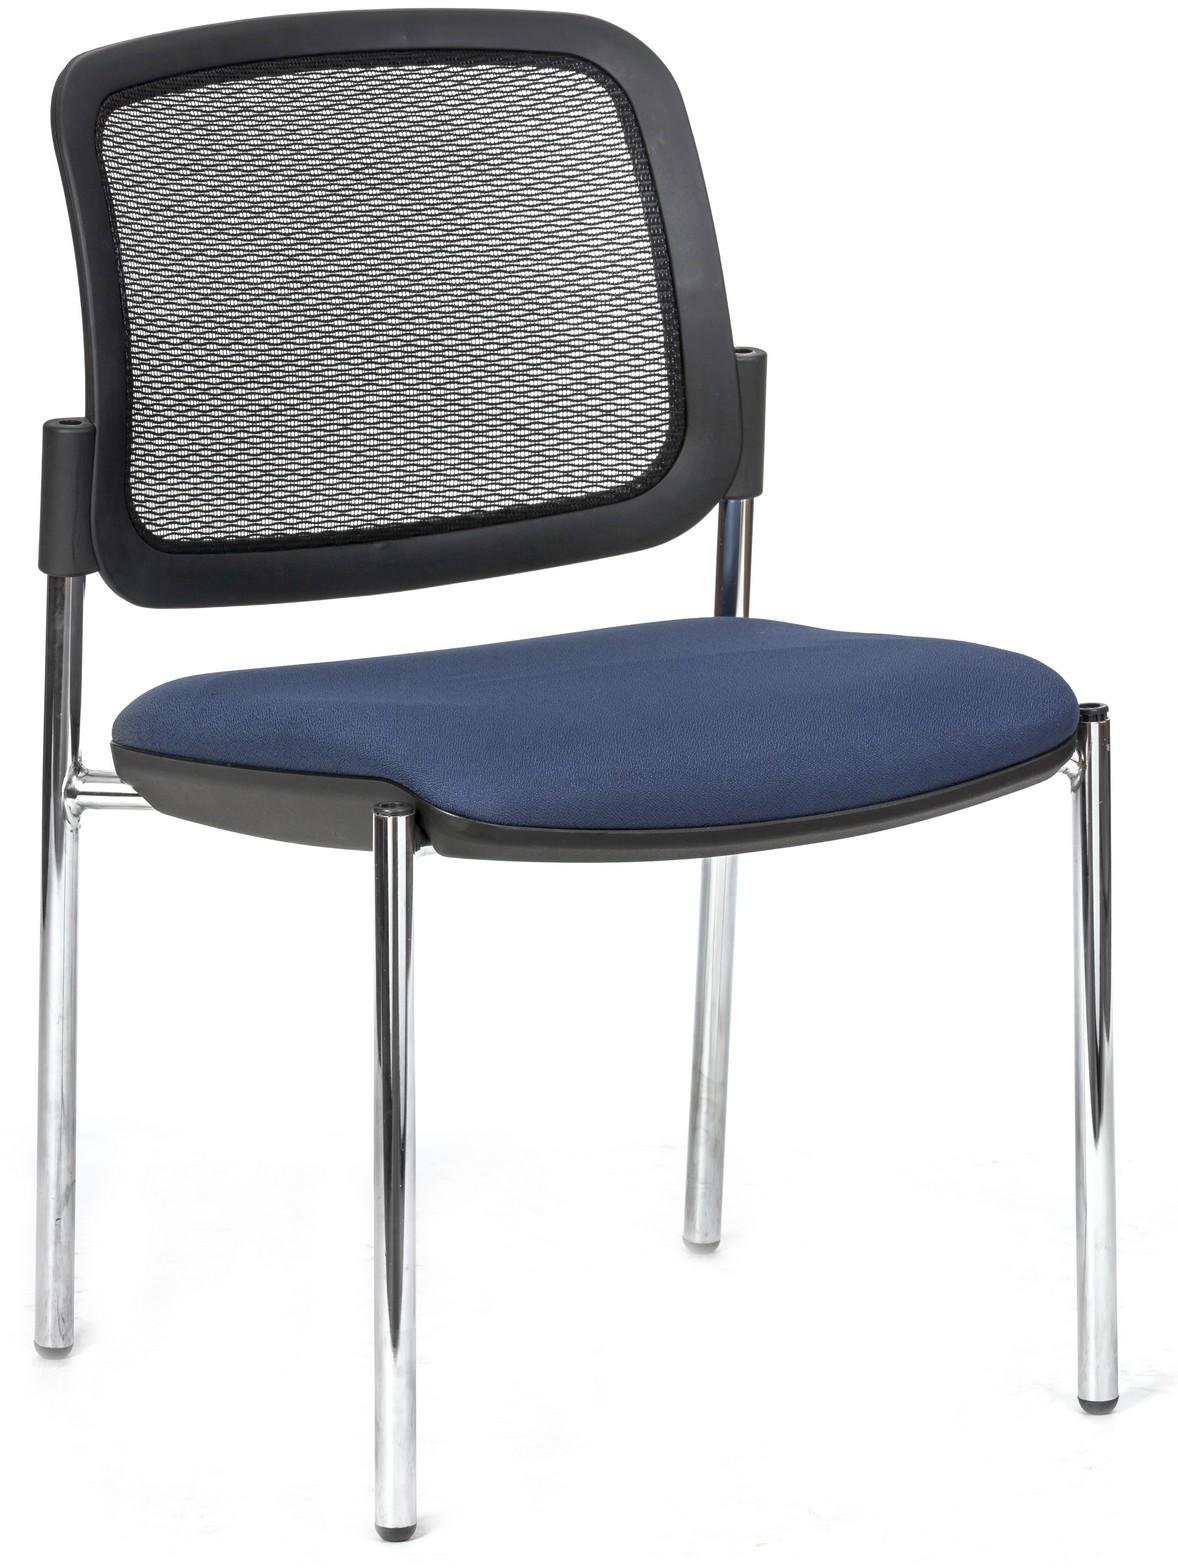 כסא אורח והמתנה גב רשת מושב מרופד דגם סוליי